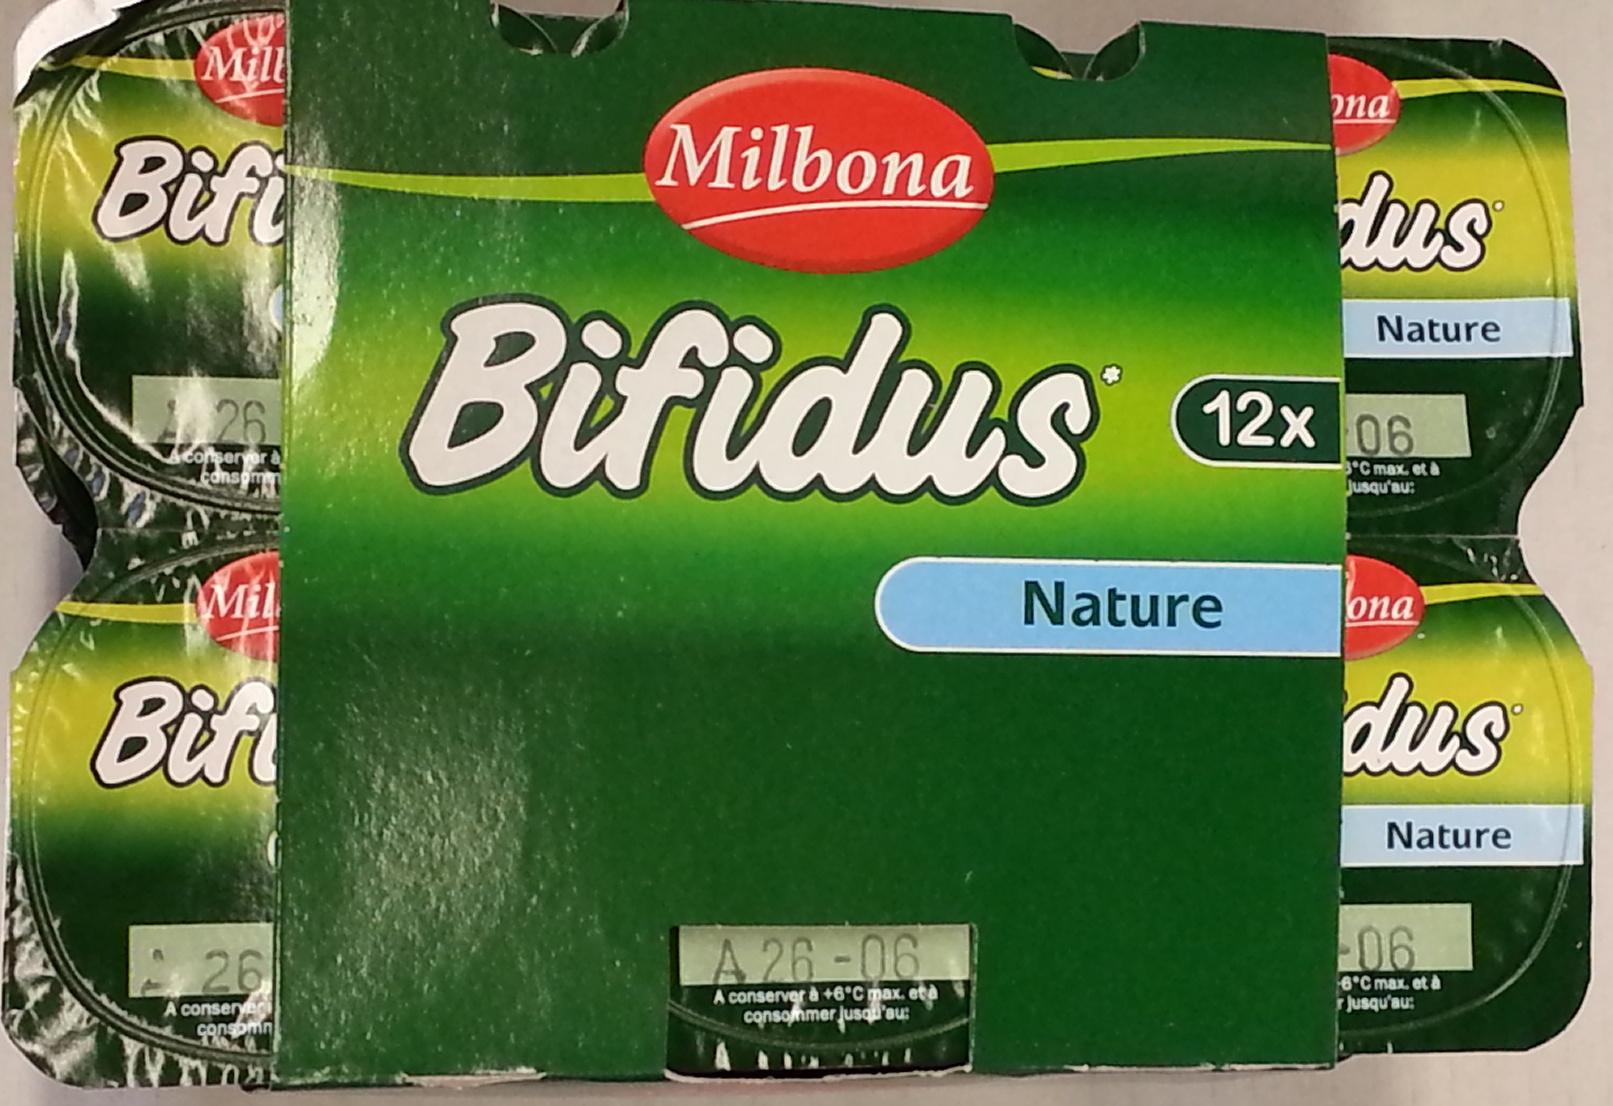 Bifidus Nature (12 x) - Product